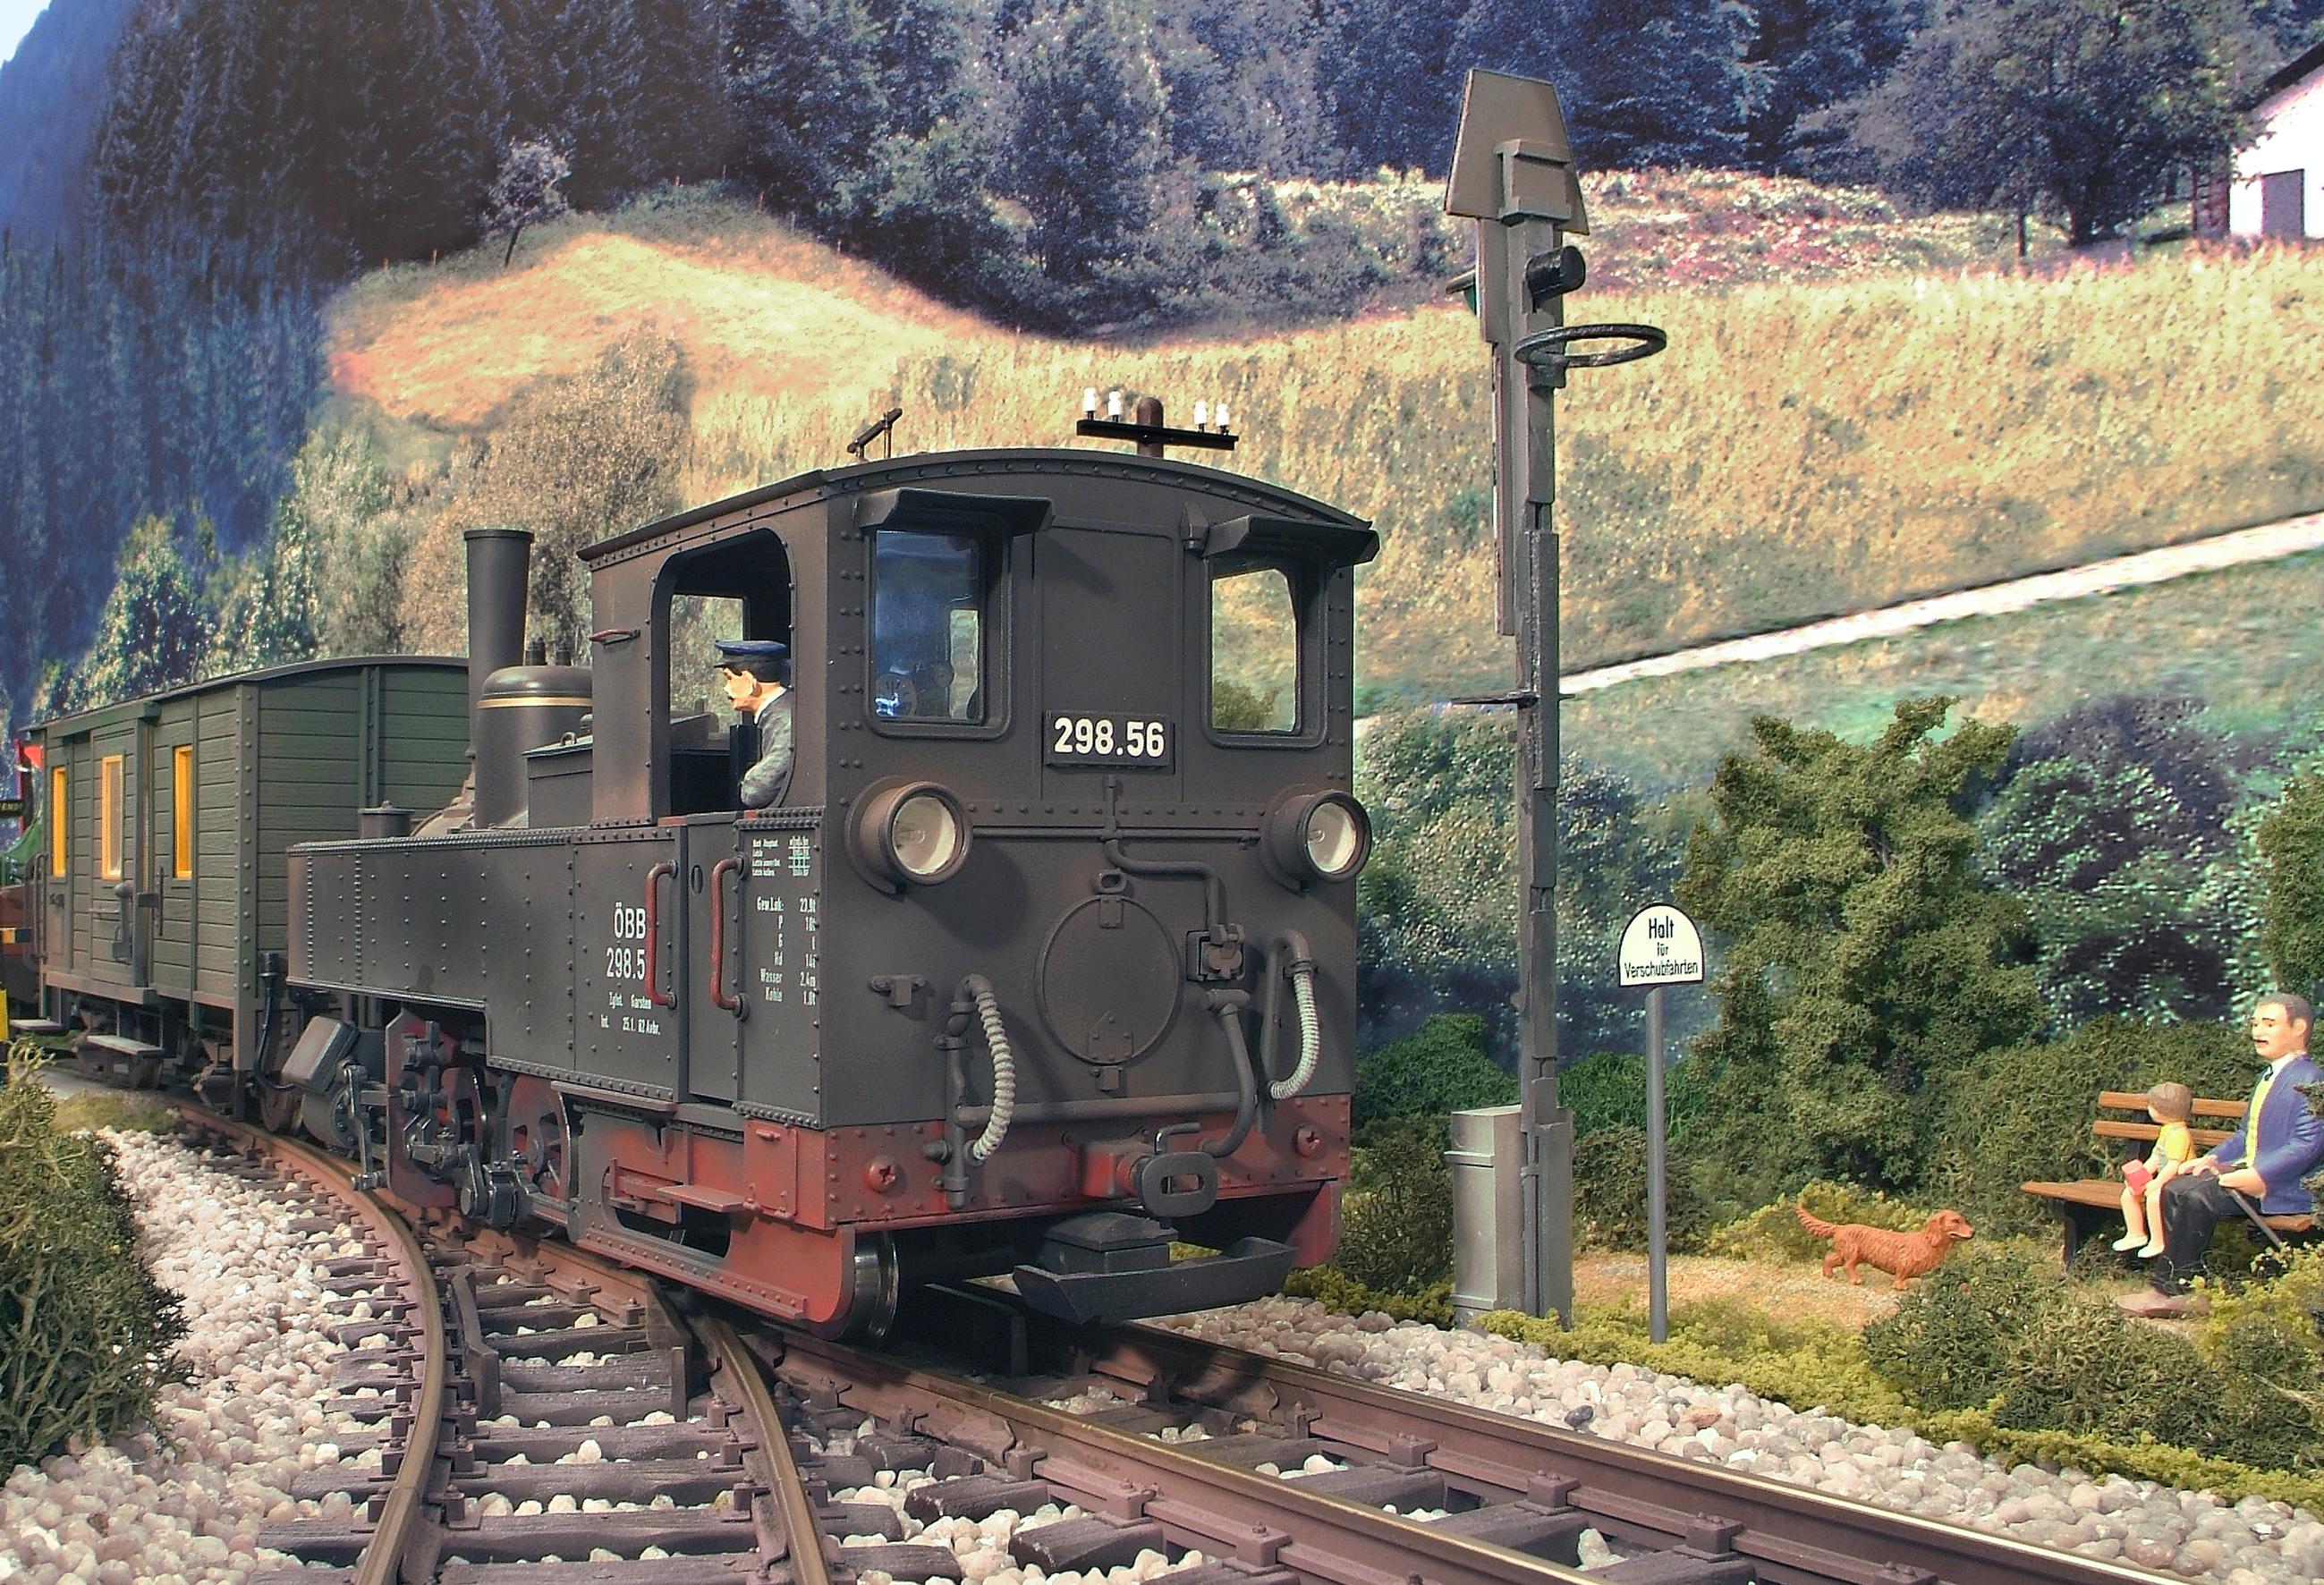 DSCF4292